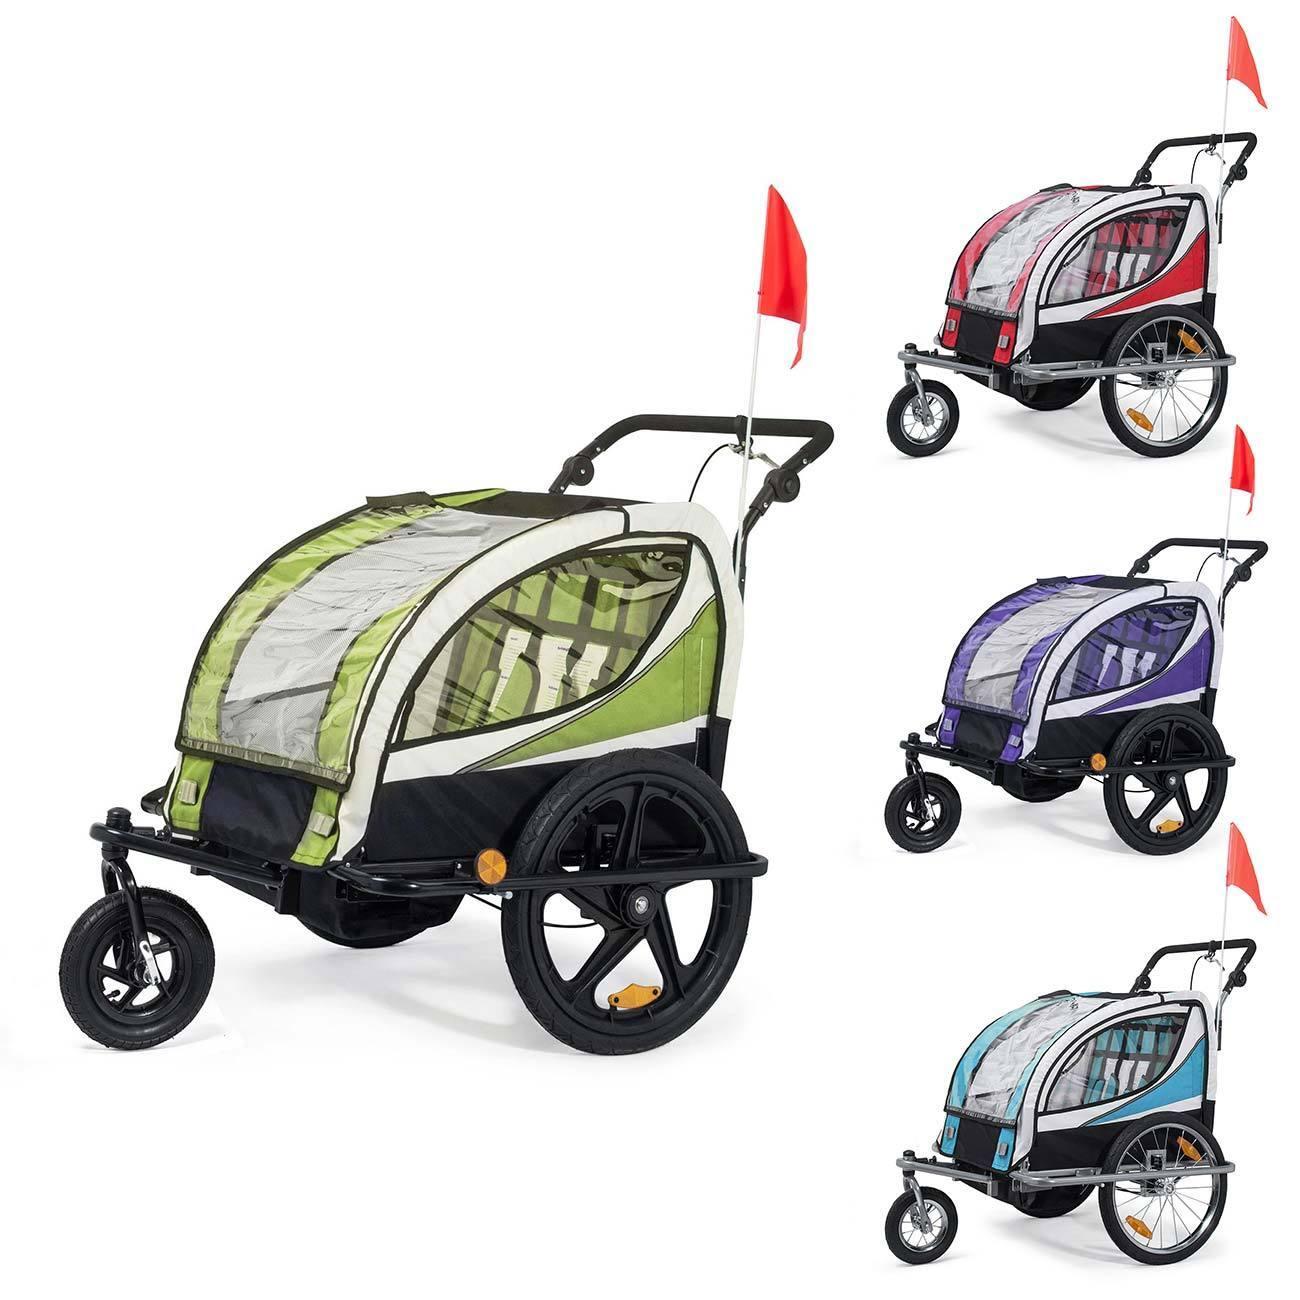 Jogger Fahrradanhänger Kinder Kinderfahrradanhänger 2in1 drehbar 360° Neu SAMAX